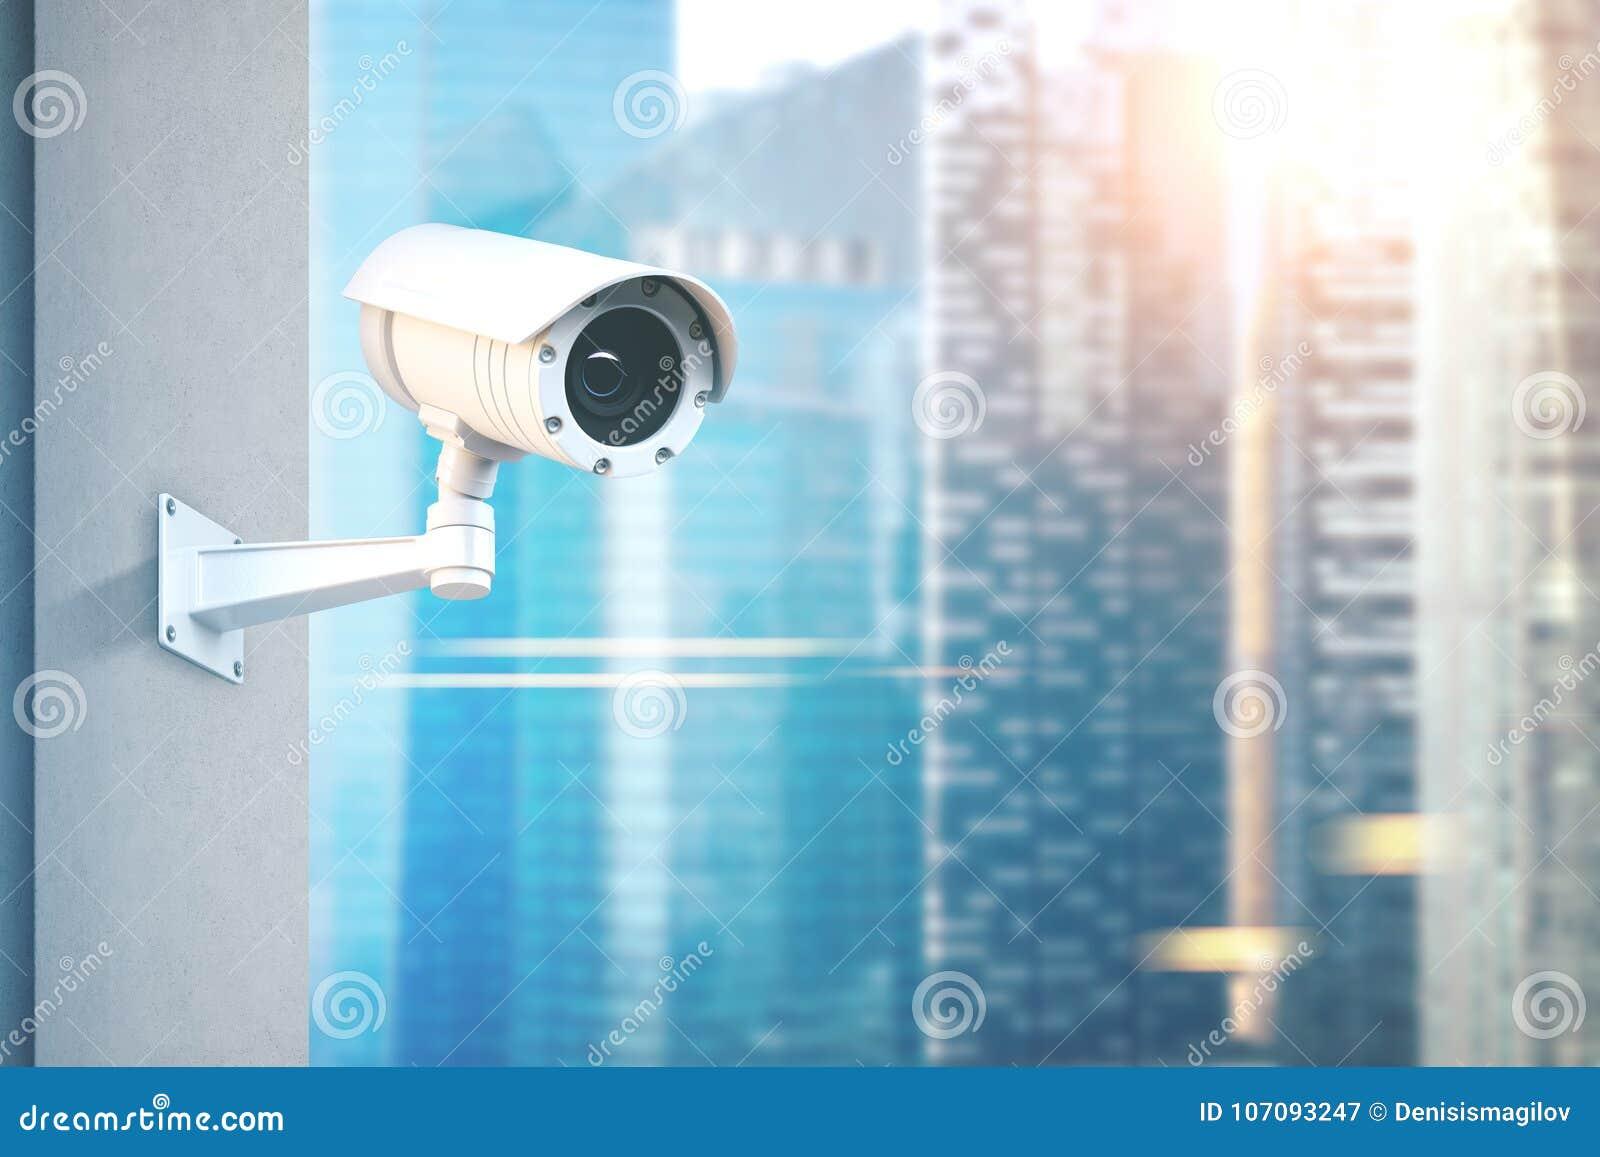 Kabeltelevisie-camera, vage stad